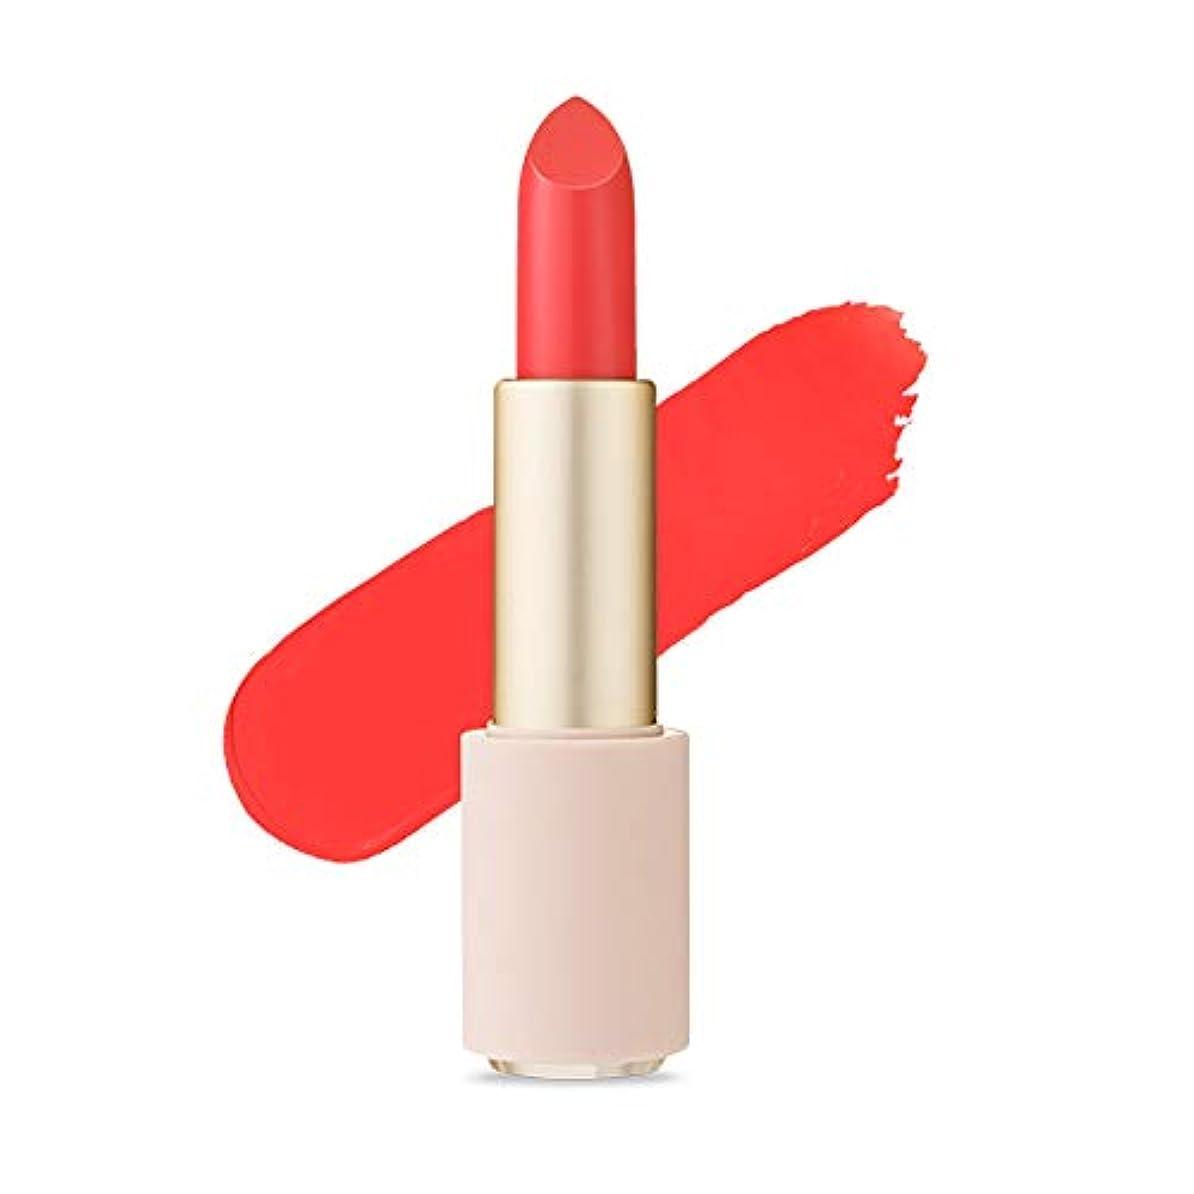 クラッチ口頭電話するEtude House Better Lips Talk Velvet エチュードハウス ベター リップス - トーク ベルベット (# OR205 Peach On Top) [並行輸入品]